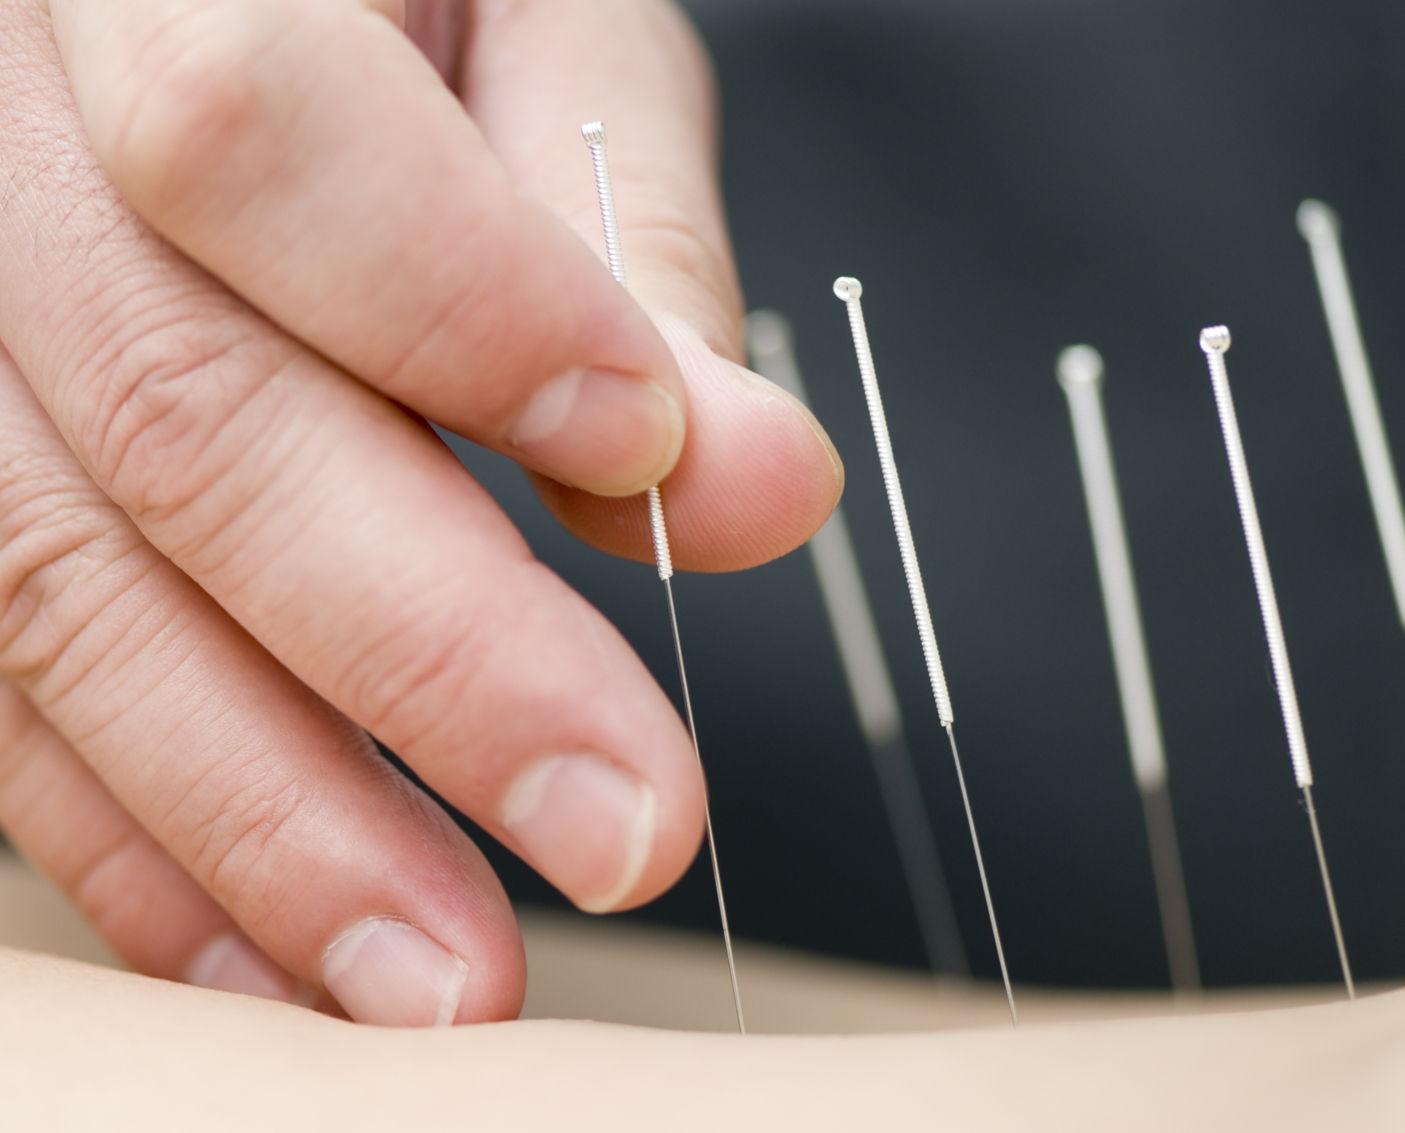 Un terapeuta inserisce degli aghi sottocute durante una sessione di agopuntura